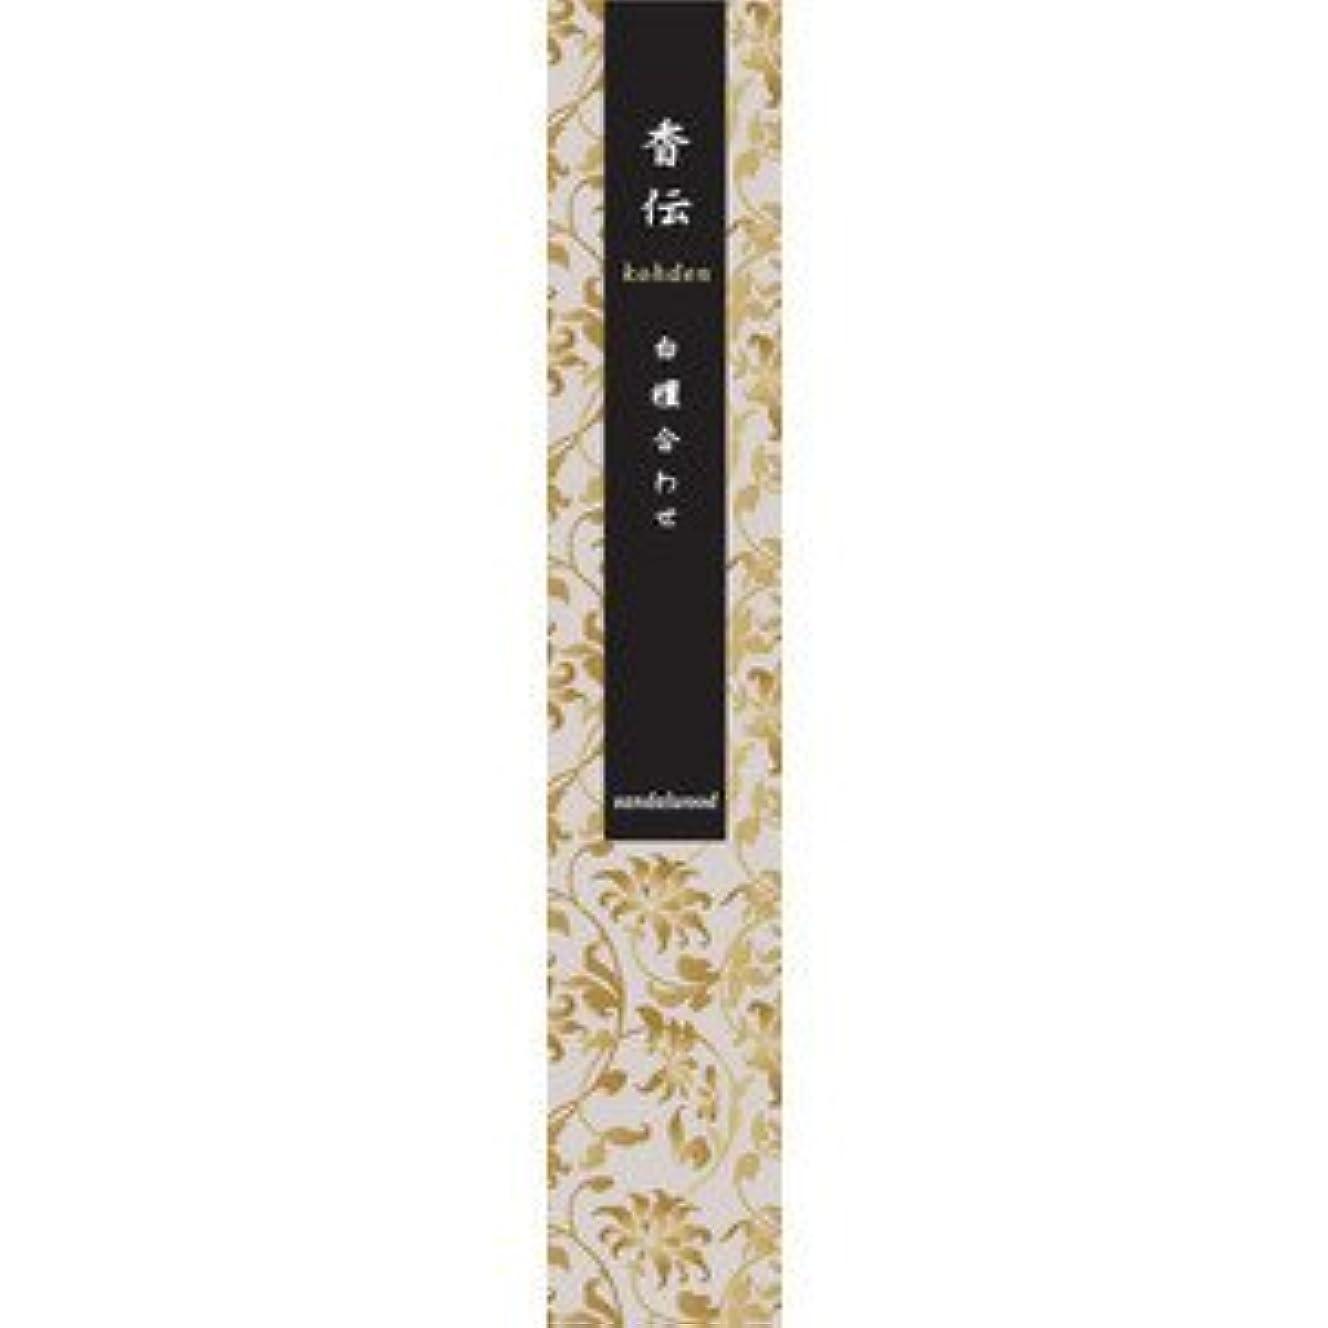 マーカー真実呼吸する日本香堂 香伝 白檀合わせ